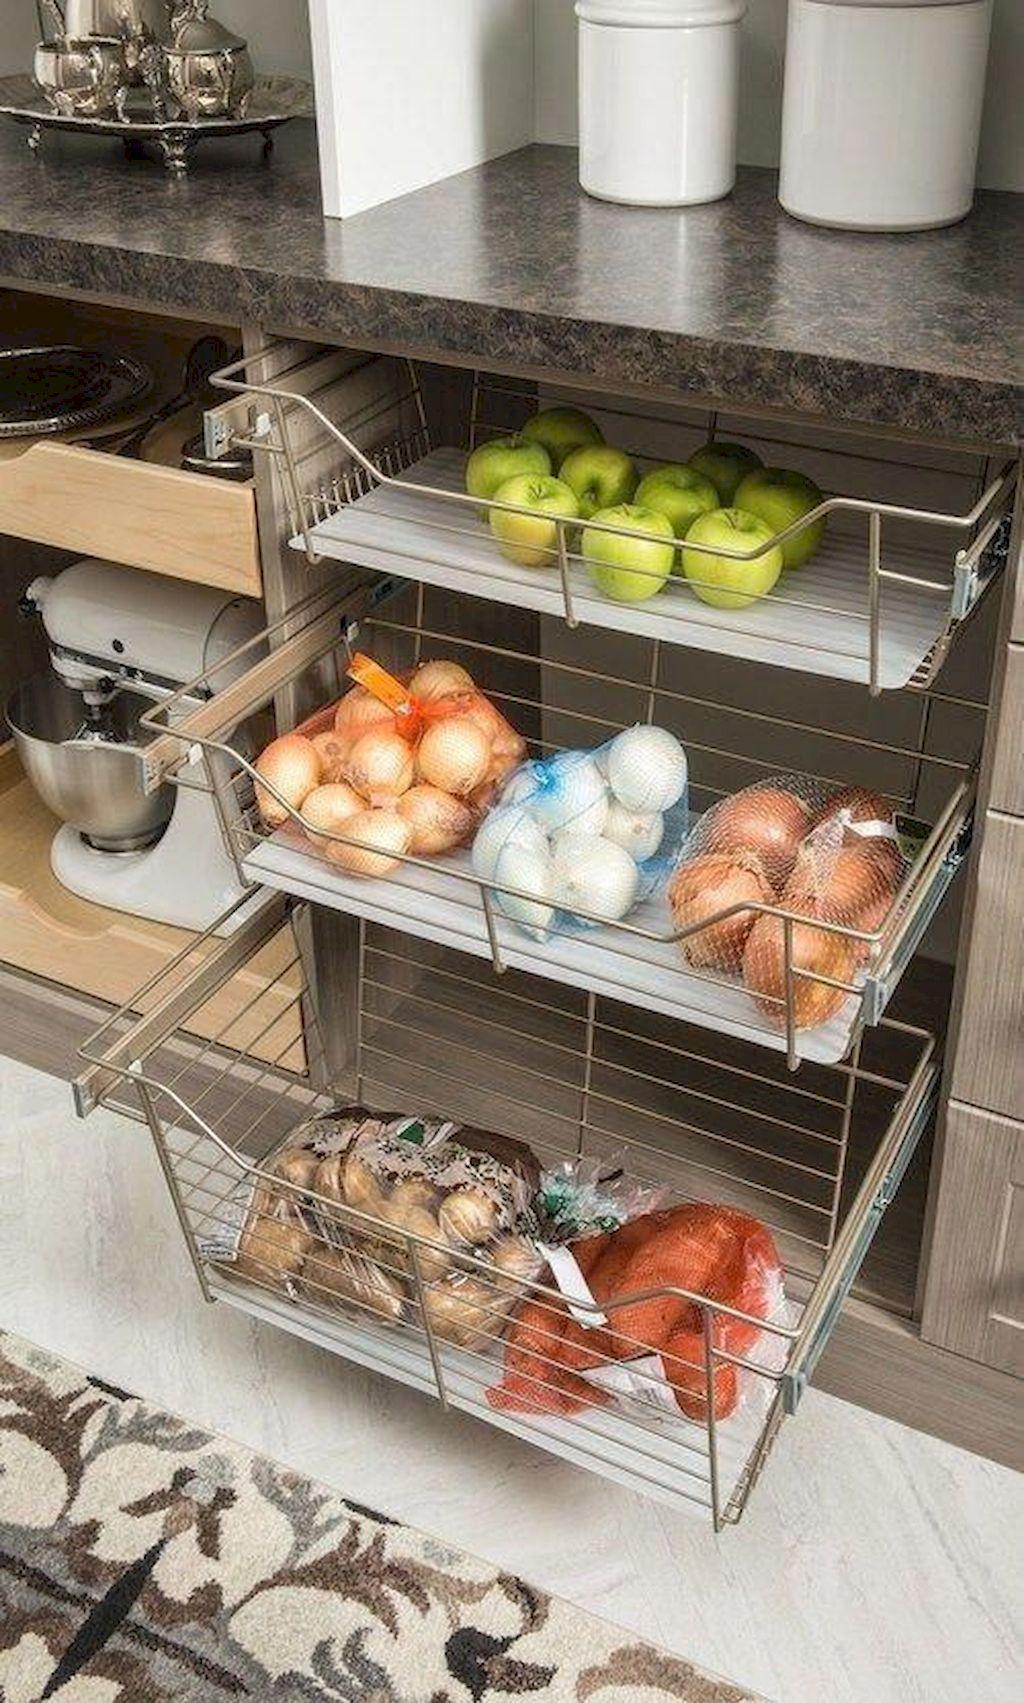 Fruit And Veggie Baskets Built Into Kitchen Cabinet Kitchen Cabinets Makeover Kitchen Makeover Diy Kitchen Storage